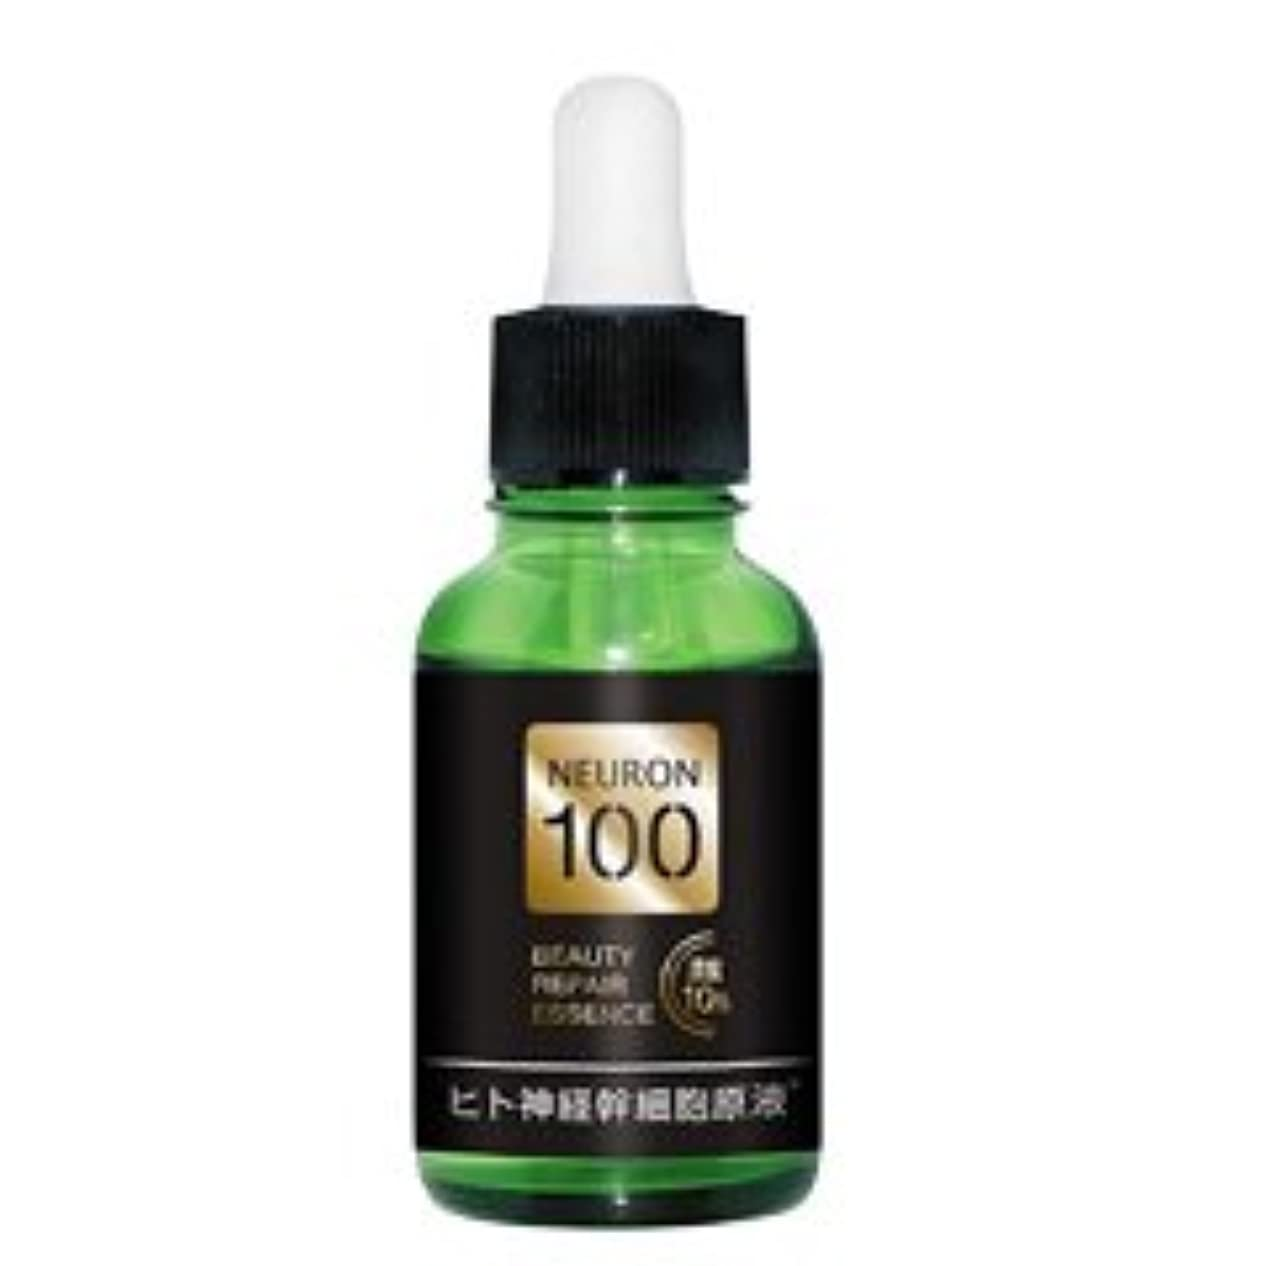 スラダム親指熟達【濃度10%】 ニューロン100 NEURON100 ヒト由来神経幹細胞培養液 サロン仕様品 ギフトにも最適 美容液 30ml